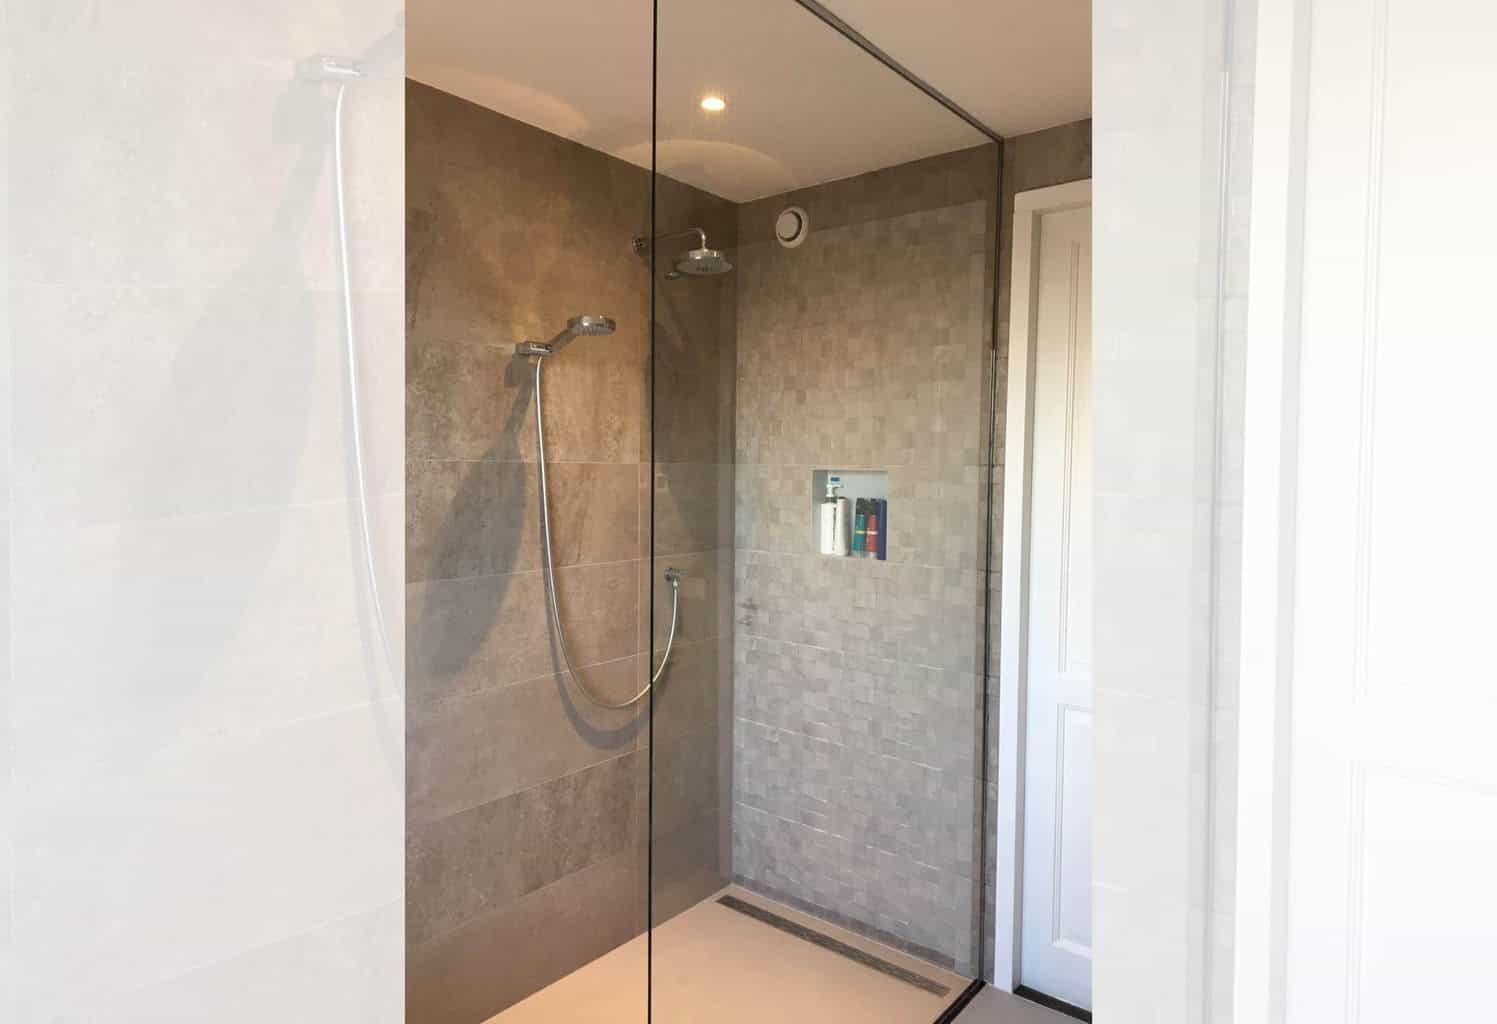 Inloop douche voorbeelden badkamers met inloopdouche sani dump